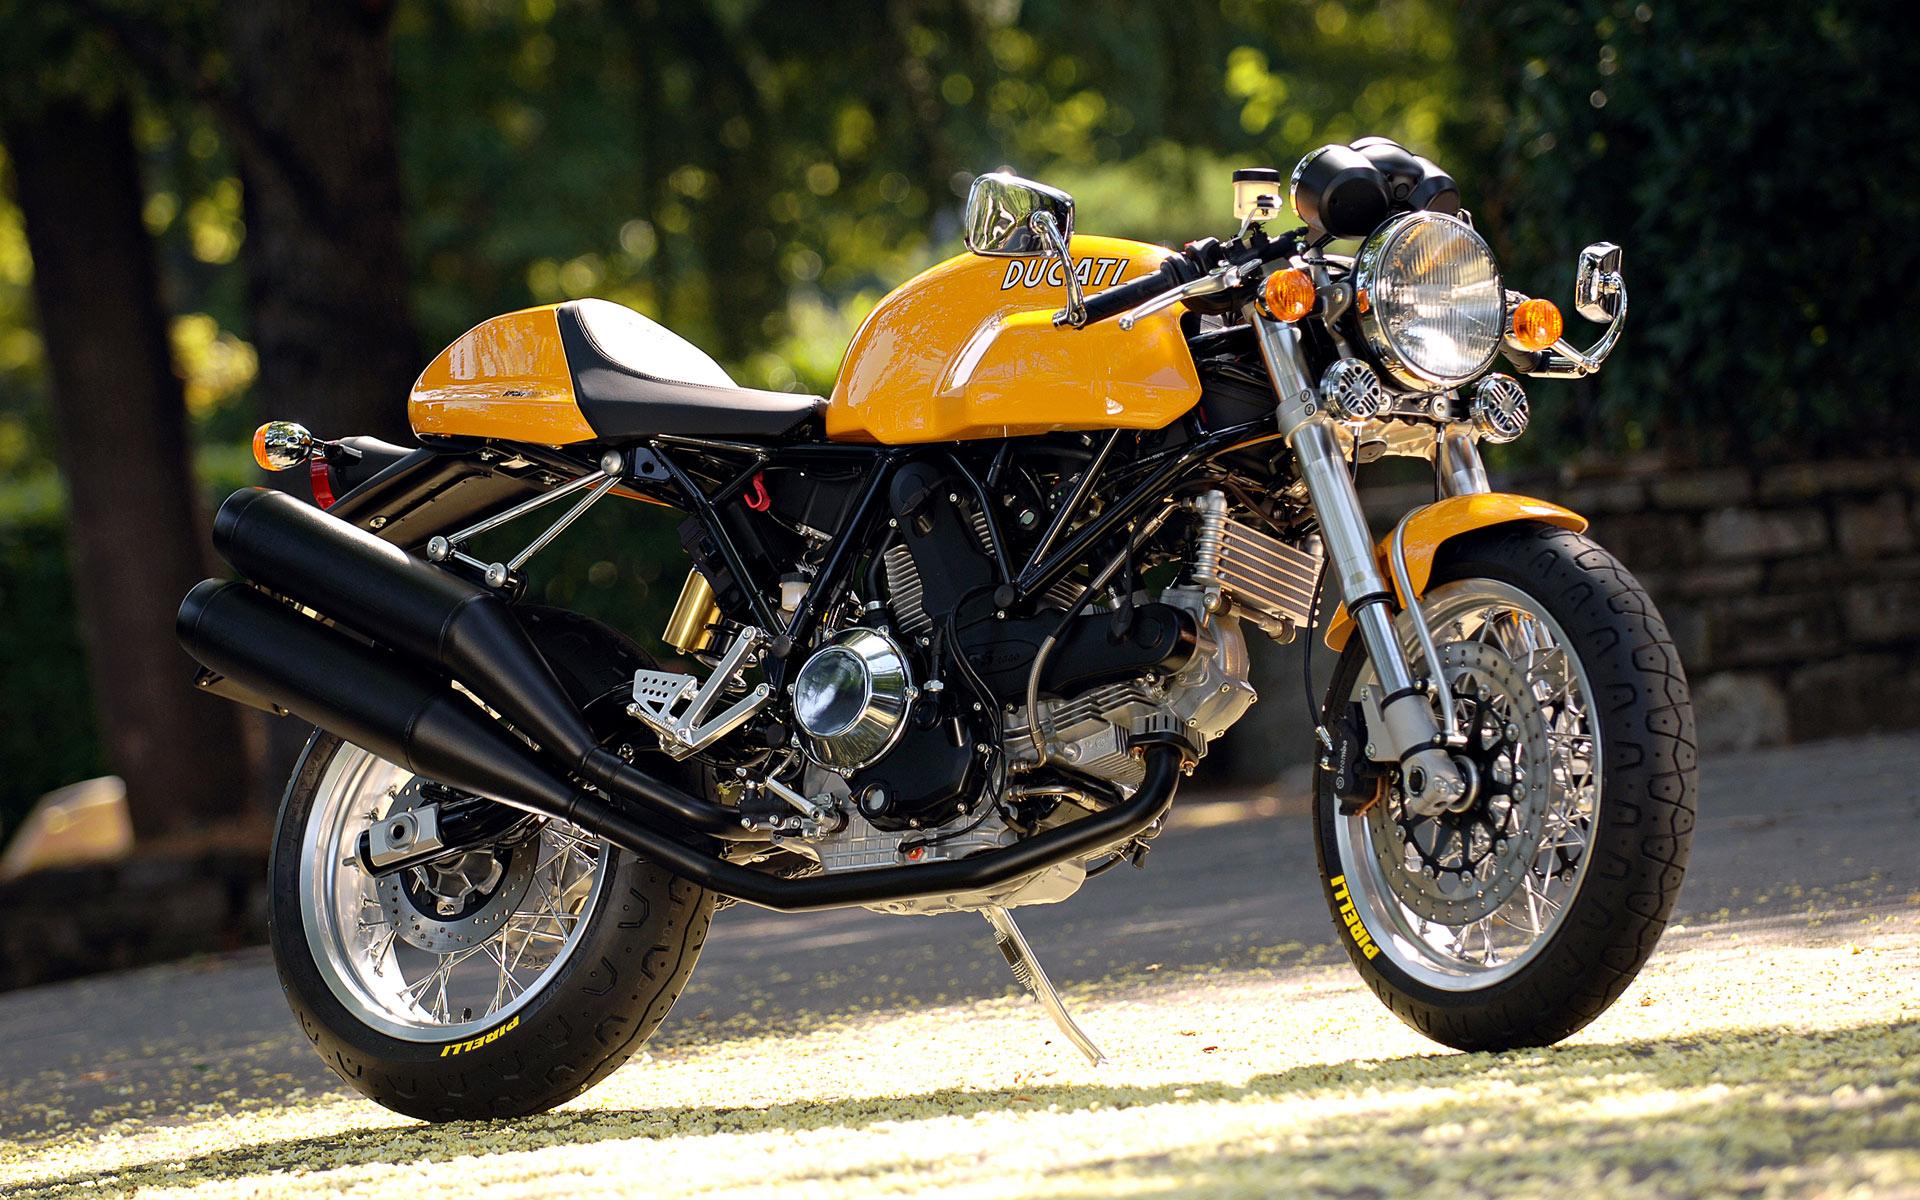 жёлтый ducati sport-1000, мотоцикл, байк